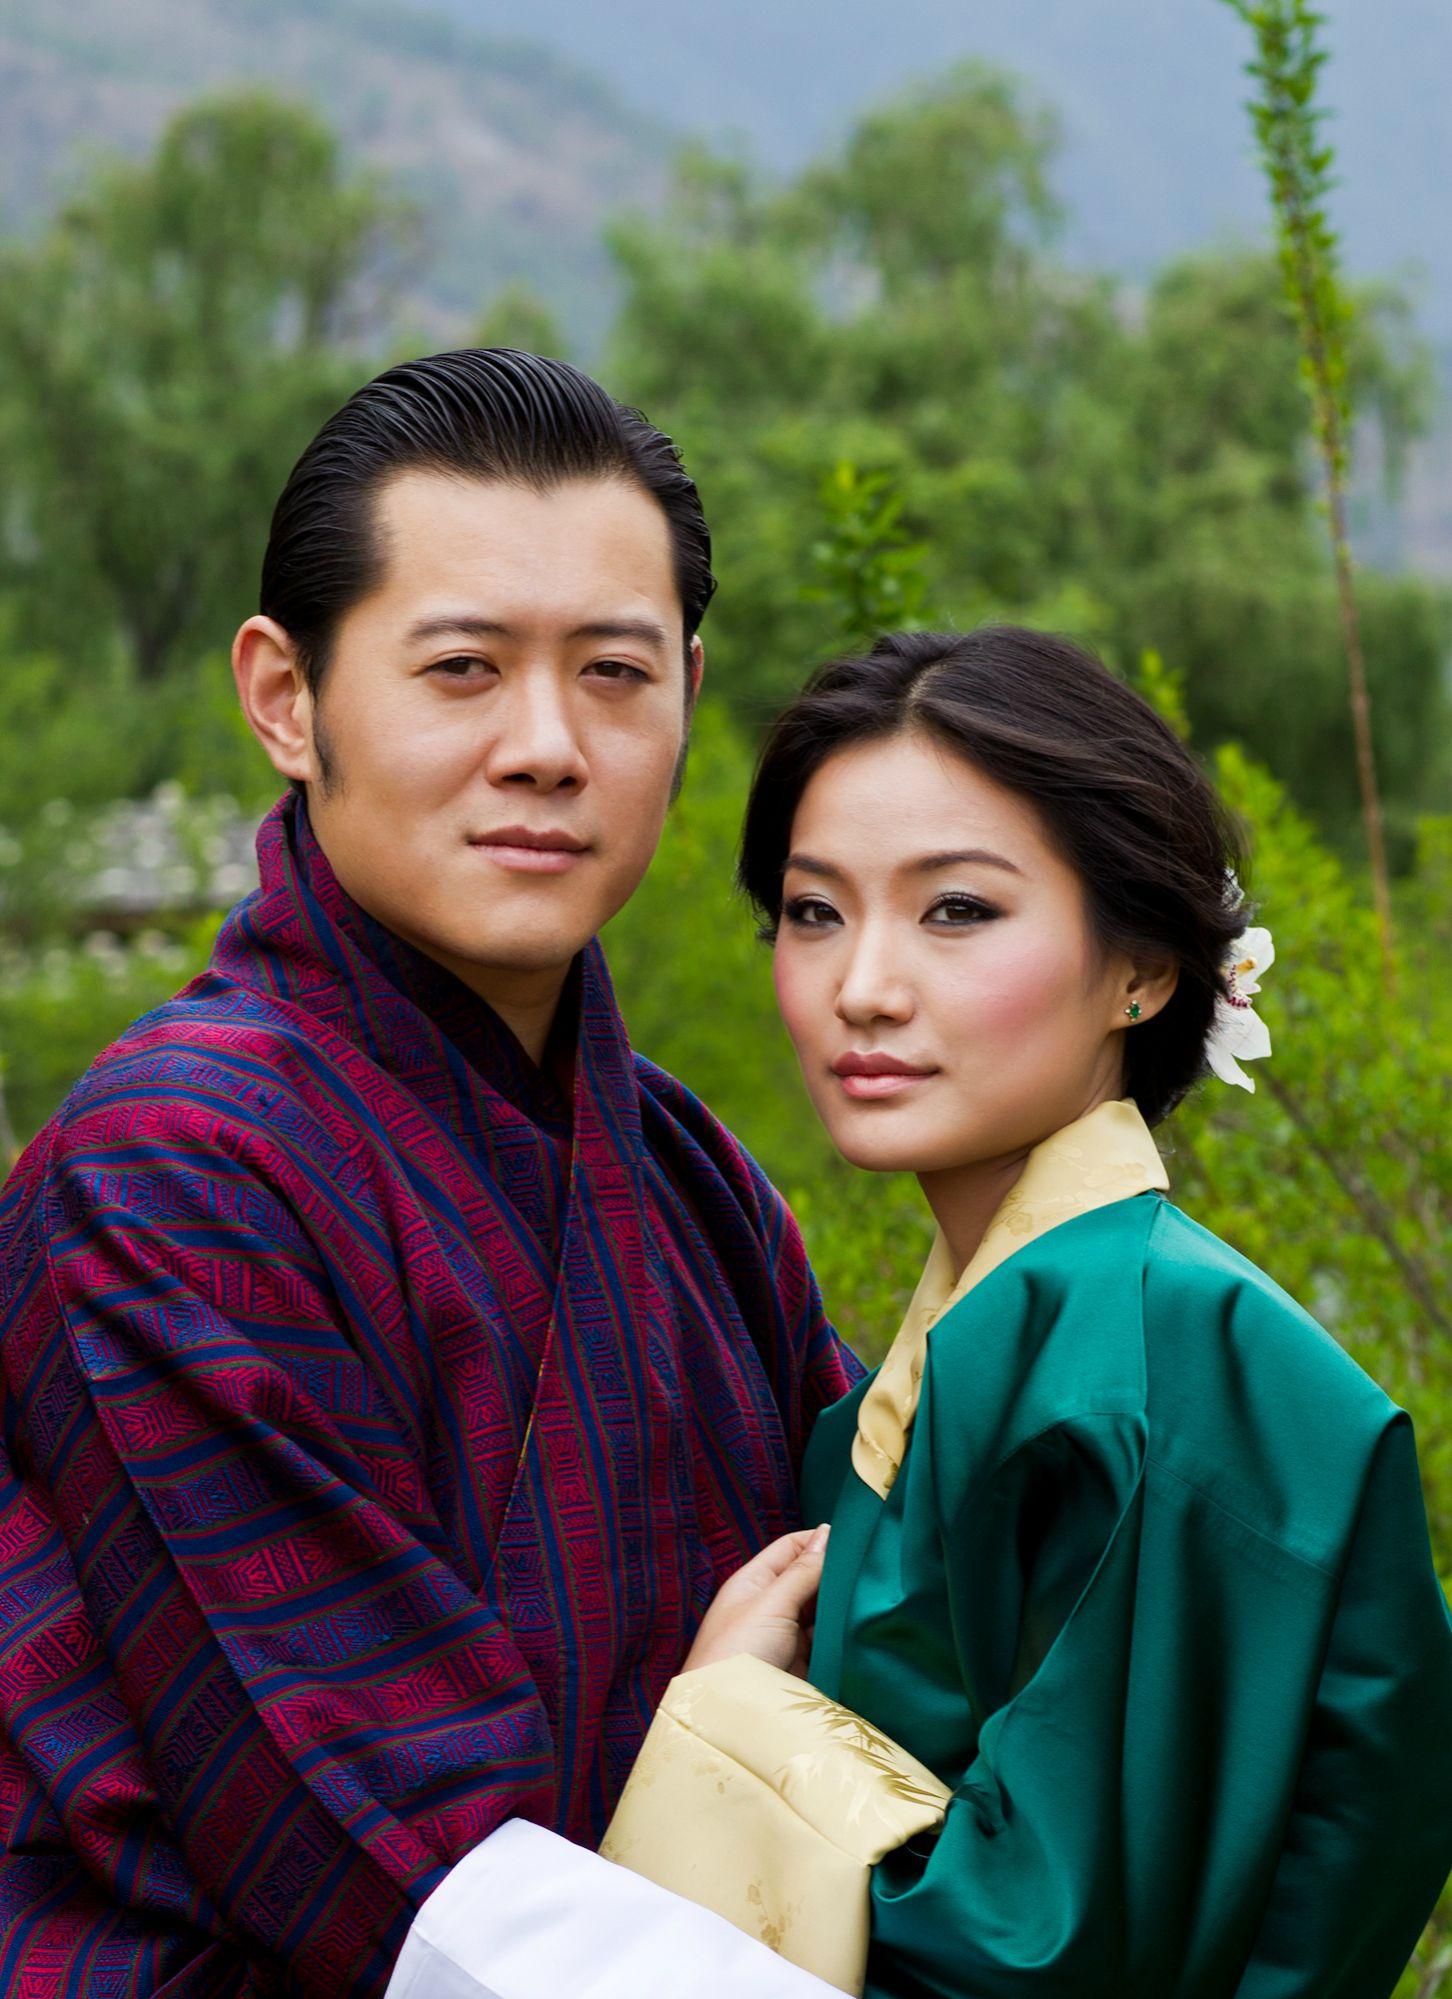 най-младата кралица в света Бутан